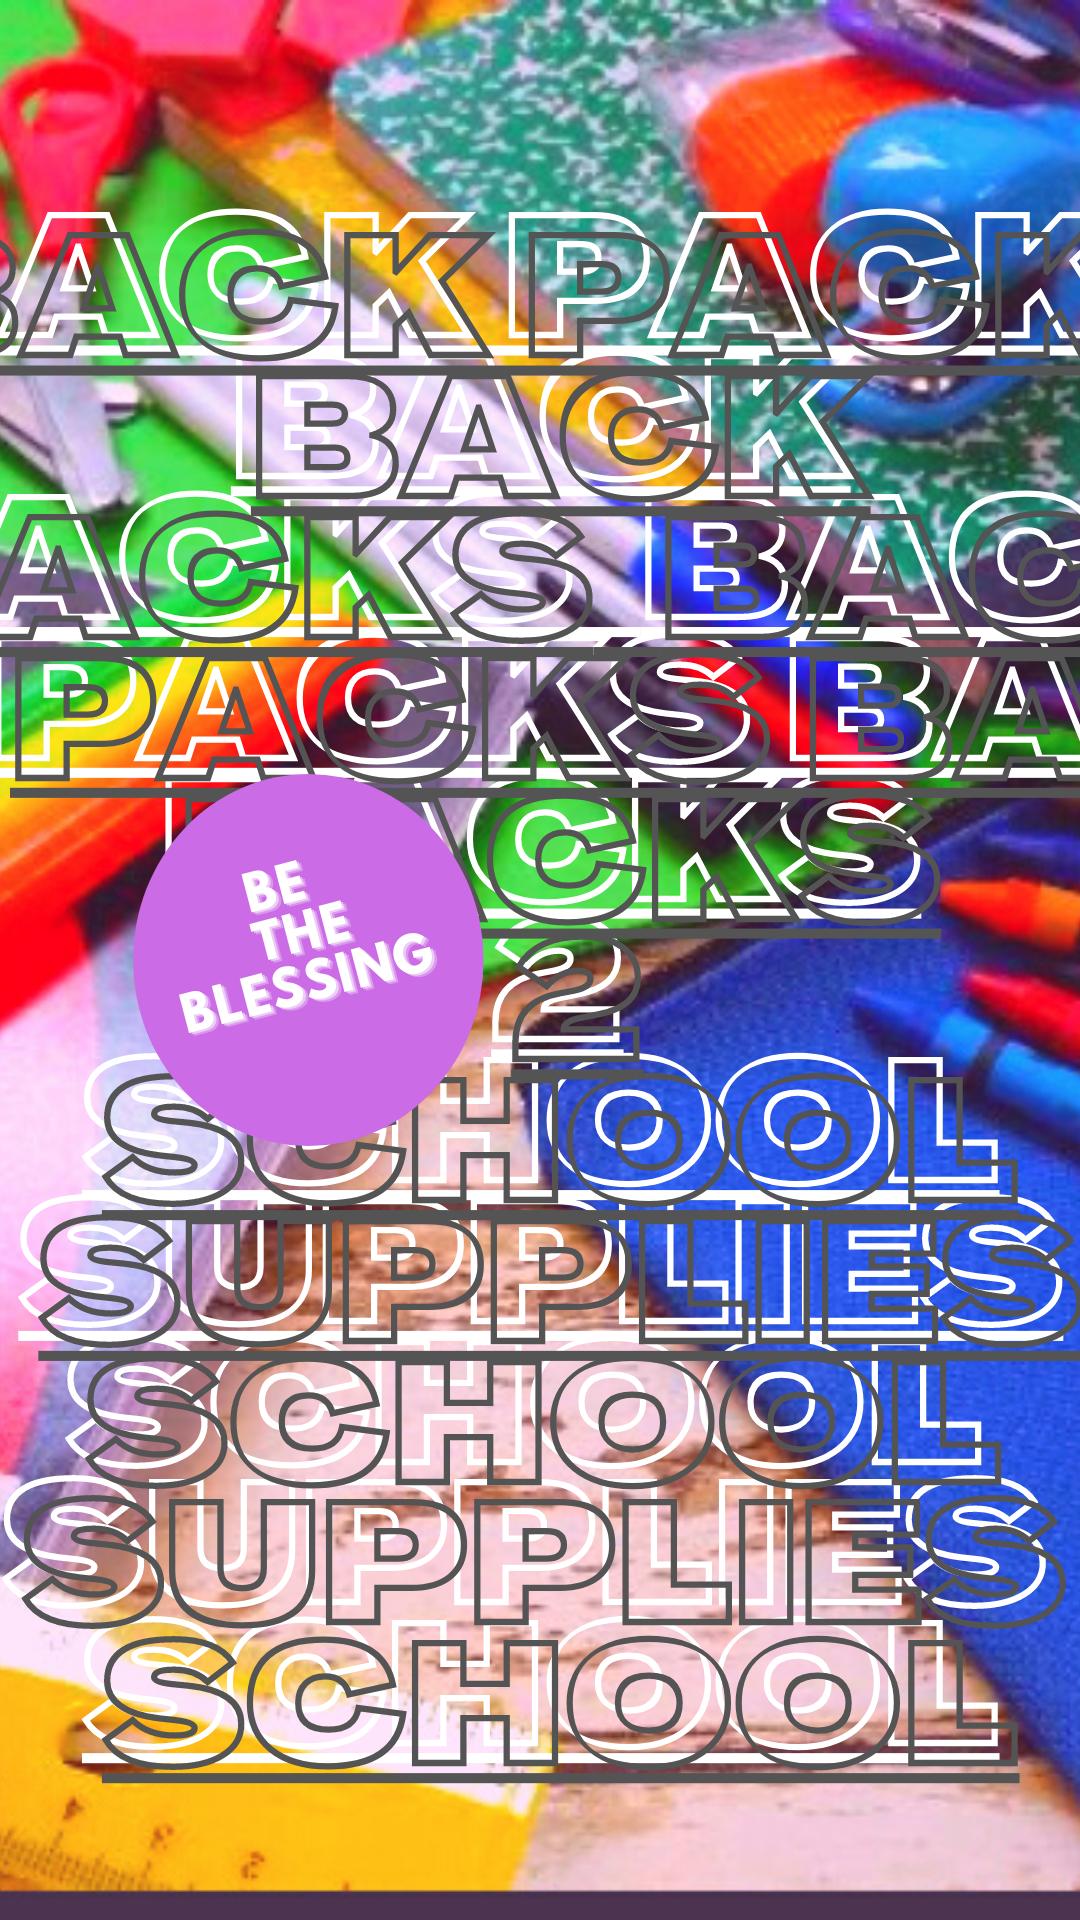 2020 BackPacks N School Supplies Fundrai